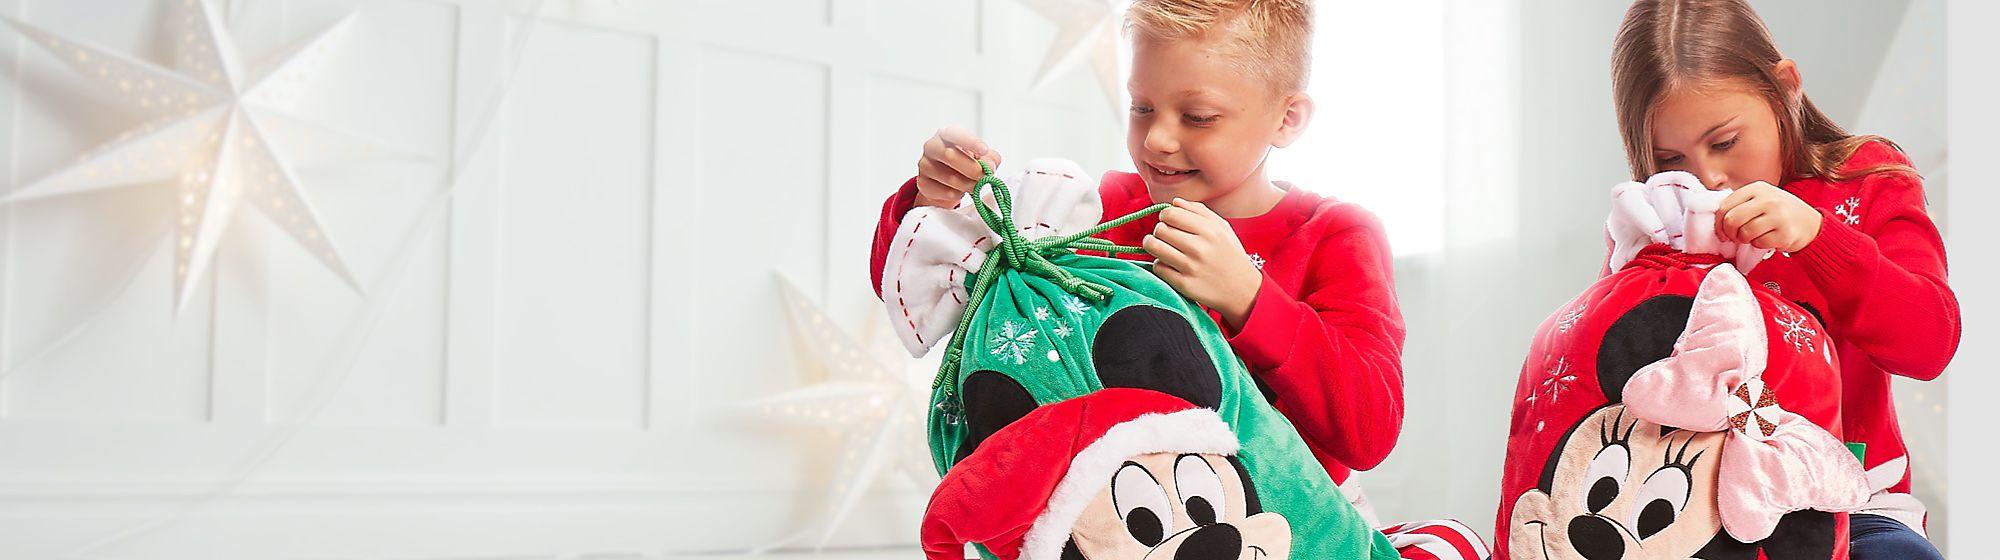 Haushaltswaren für Weihnachten Hol dir mit dieser Kollektion die Festtagsstimmung nach Hause